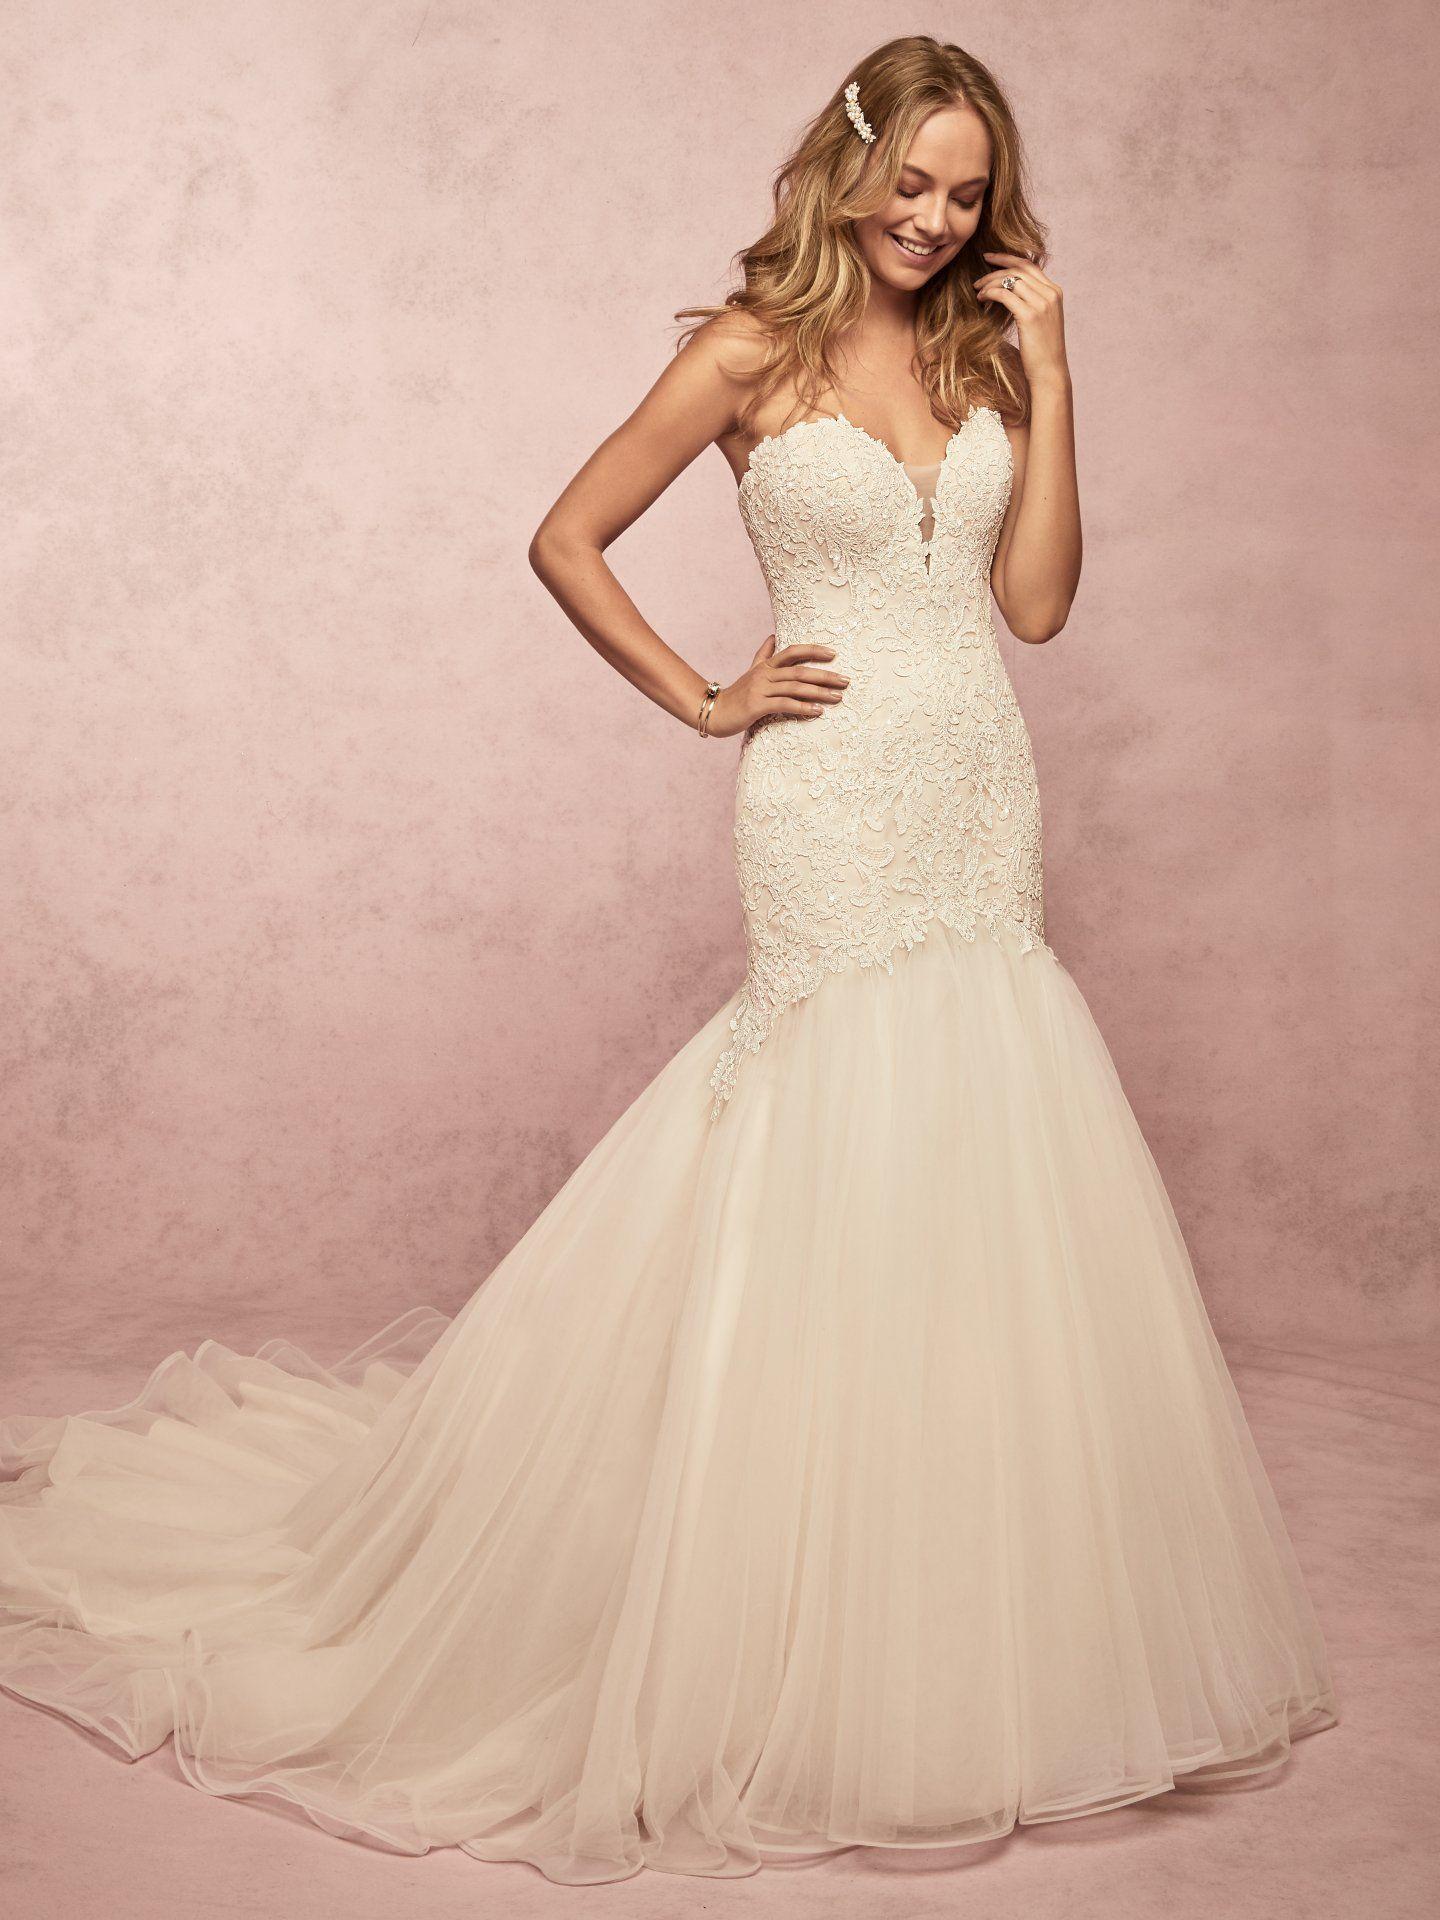 BLISS by Rebecca Ingram Wedding Dresses | Wedding dress styles, Bridal  dresses, Wedding dresses photos